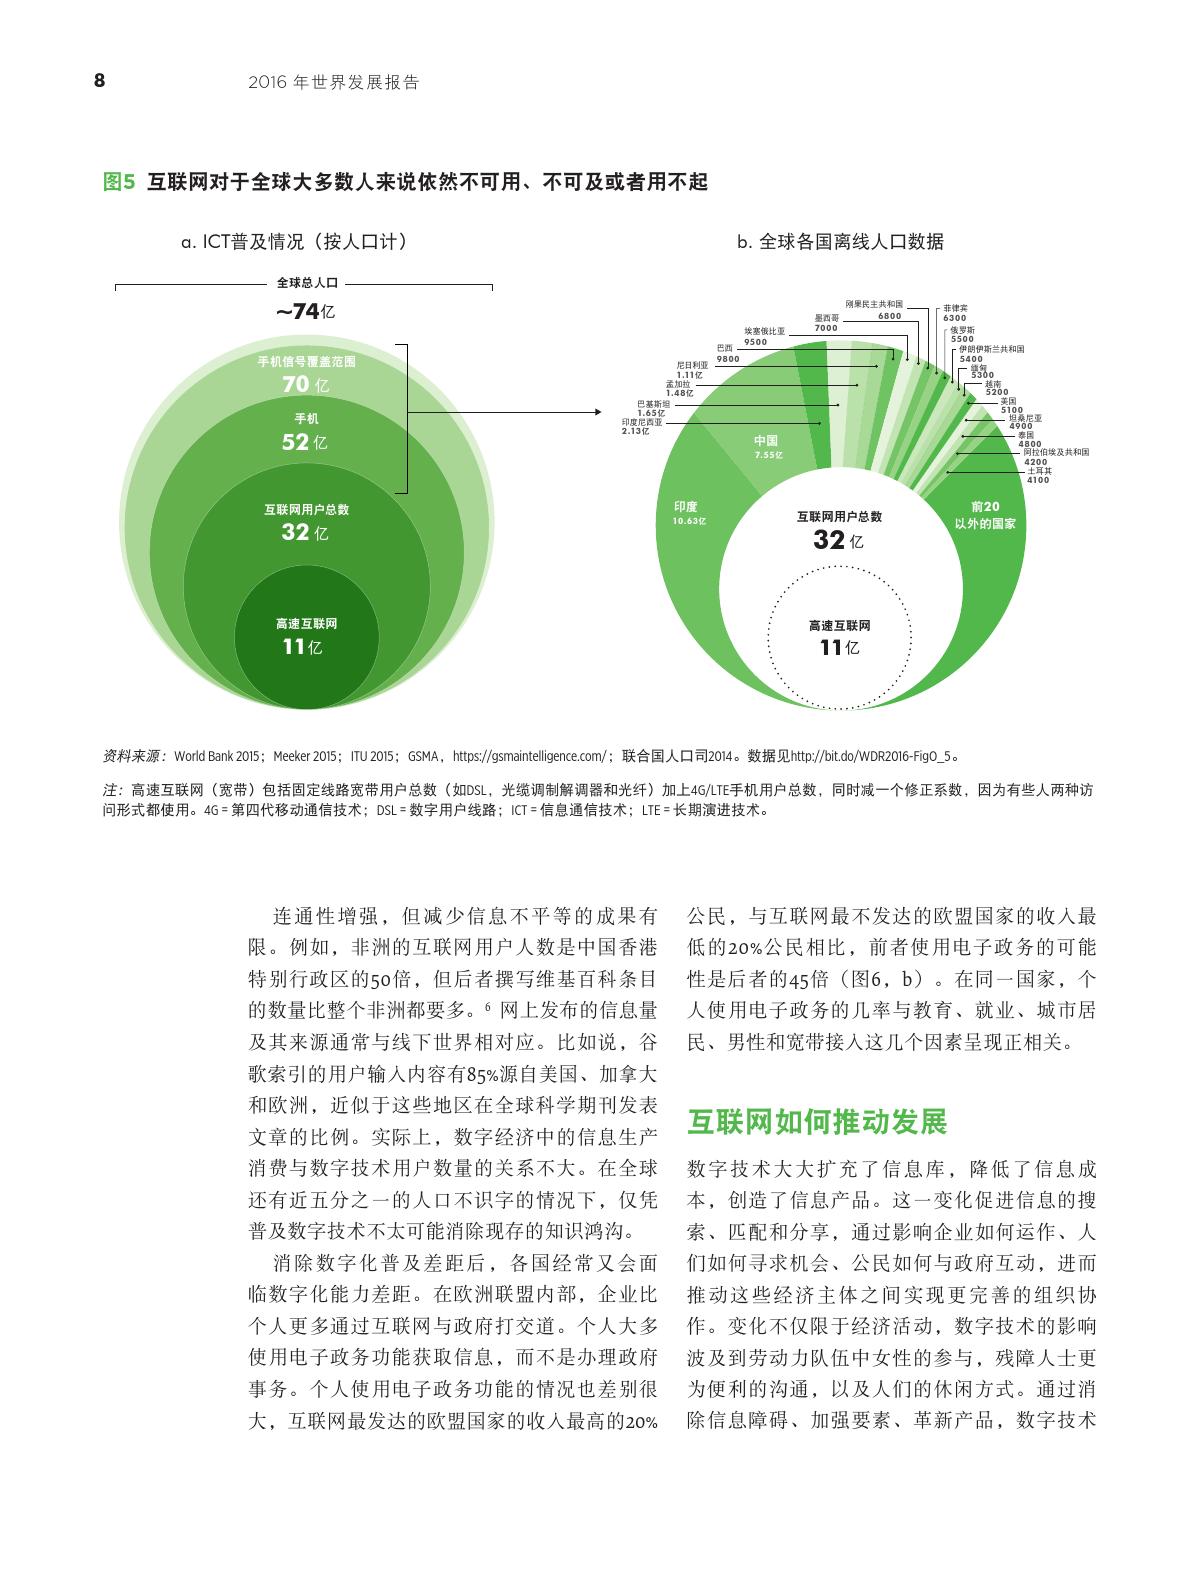 2016年世界发展报告-数字红利_000020